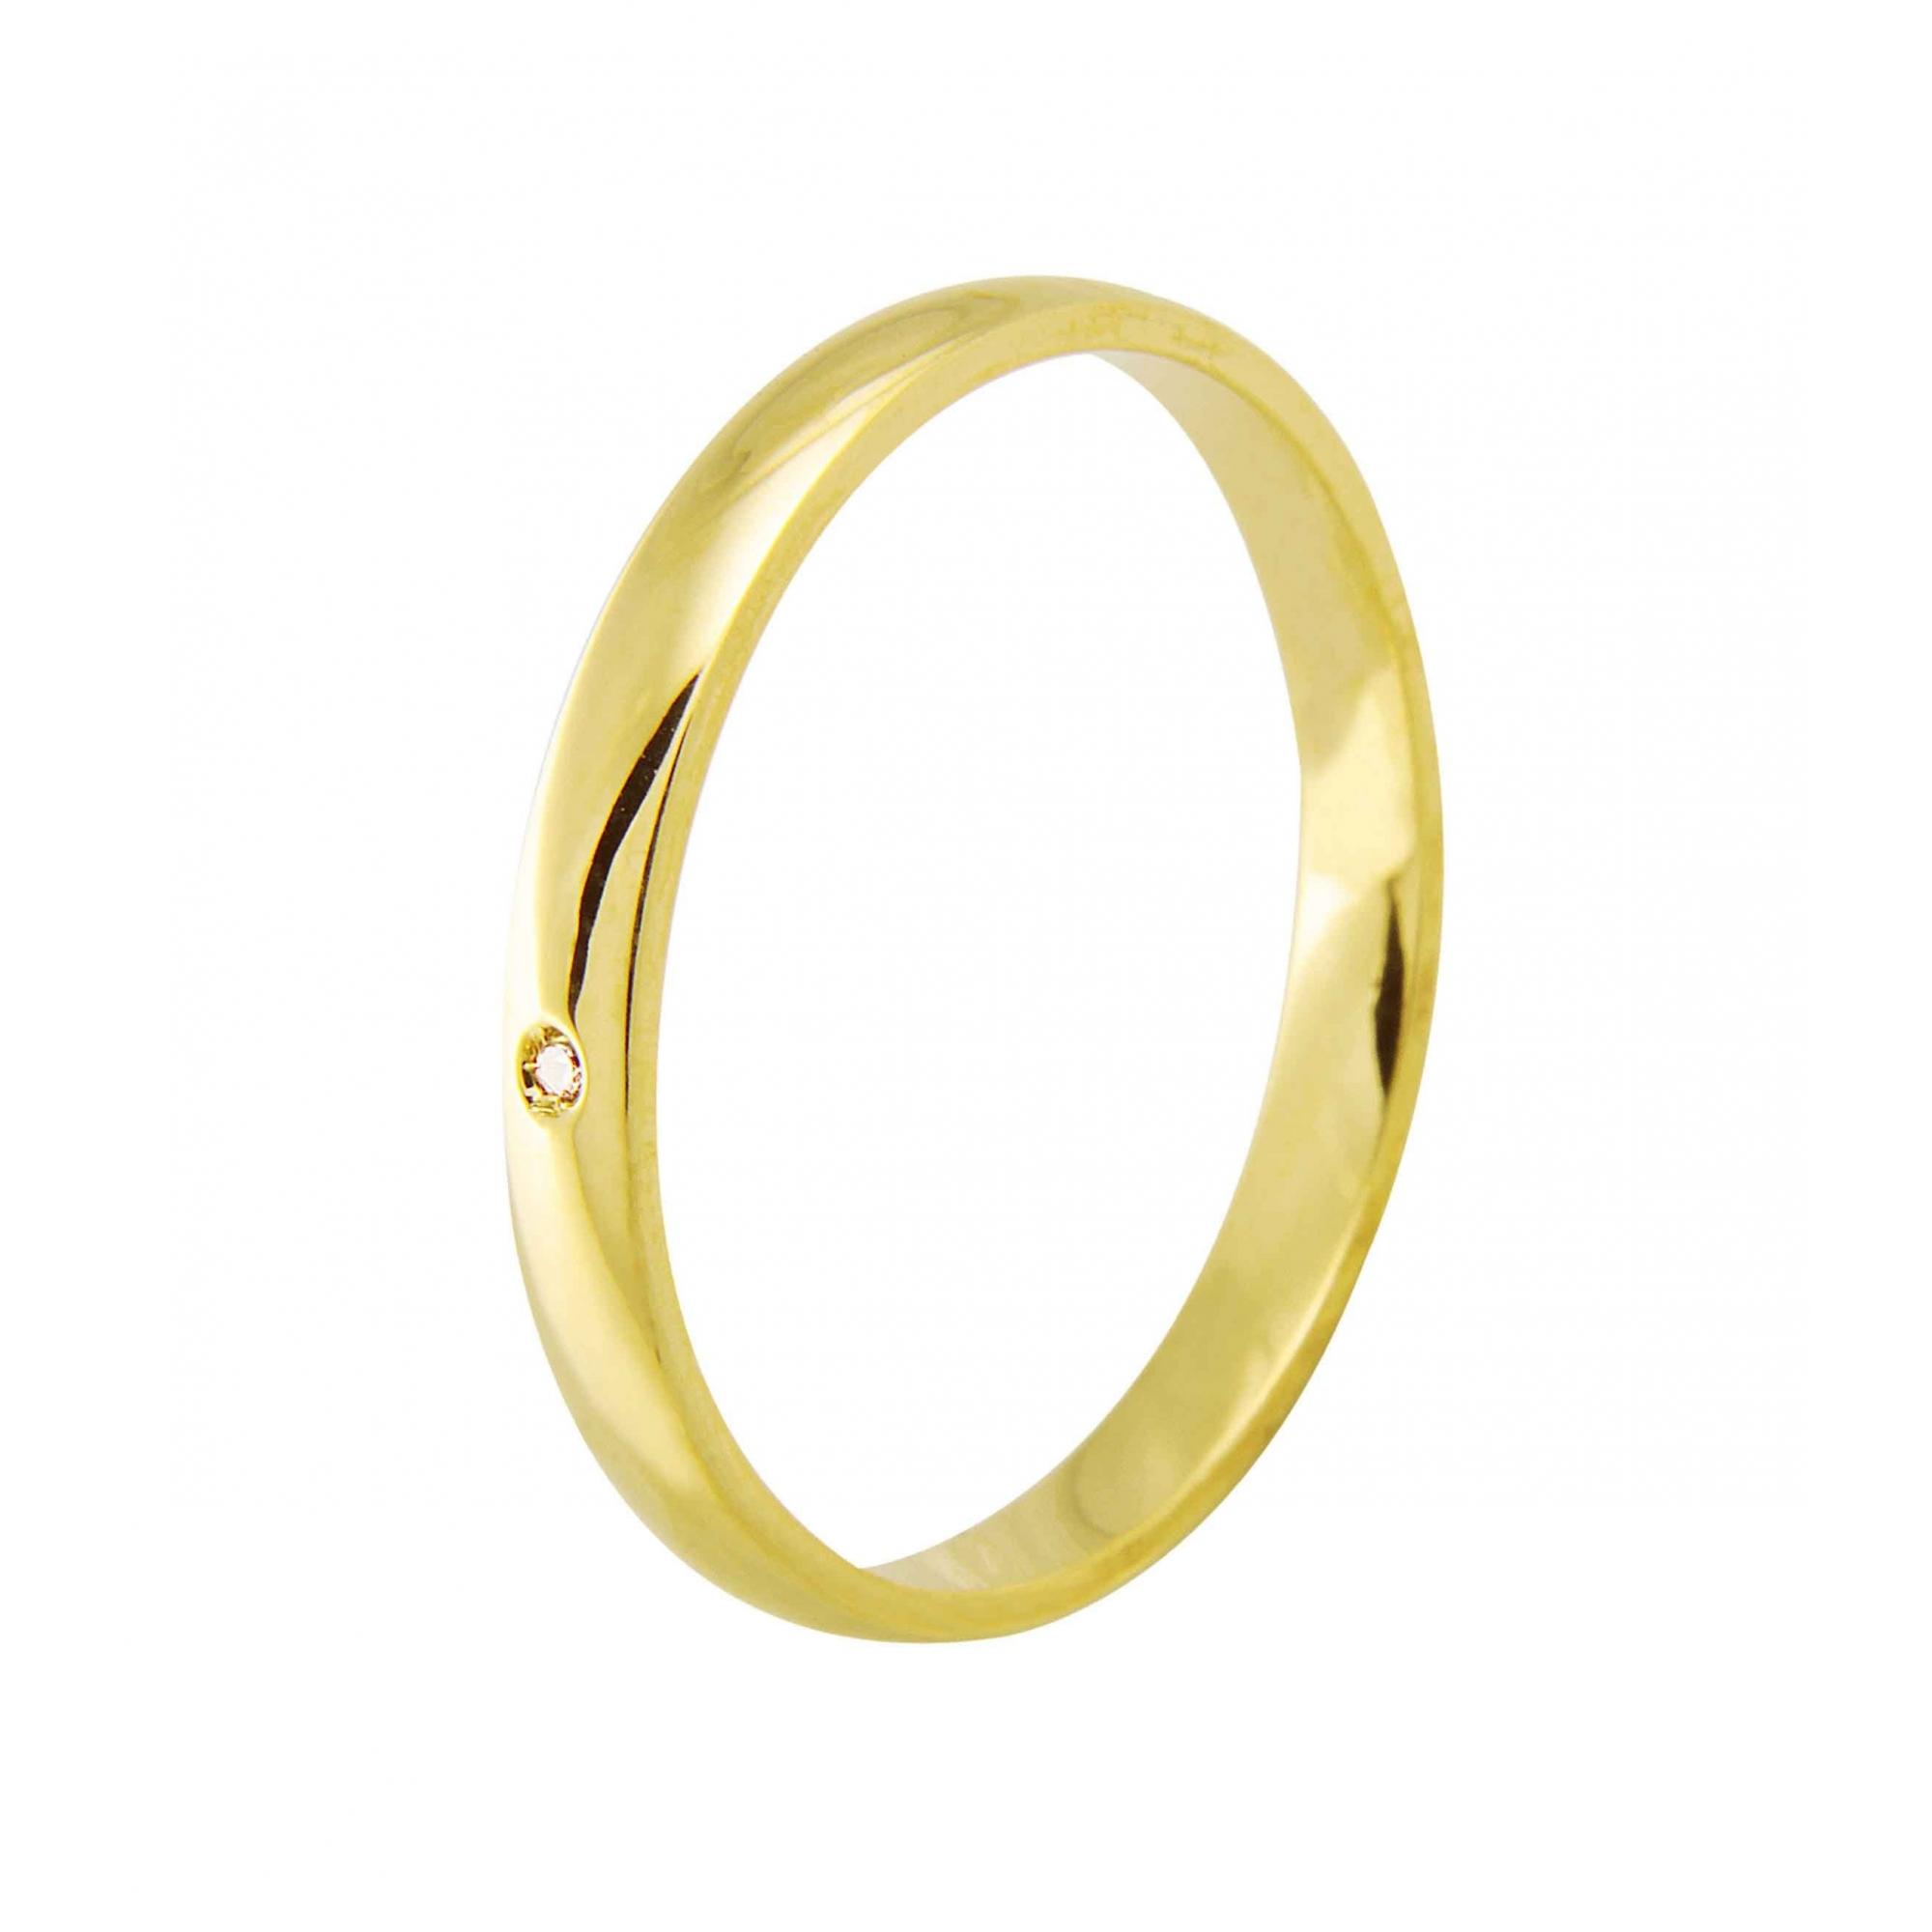 Aliança de Casamento Santiny Classic em Ouro 18k e Diamante (2.5mm)